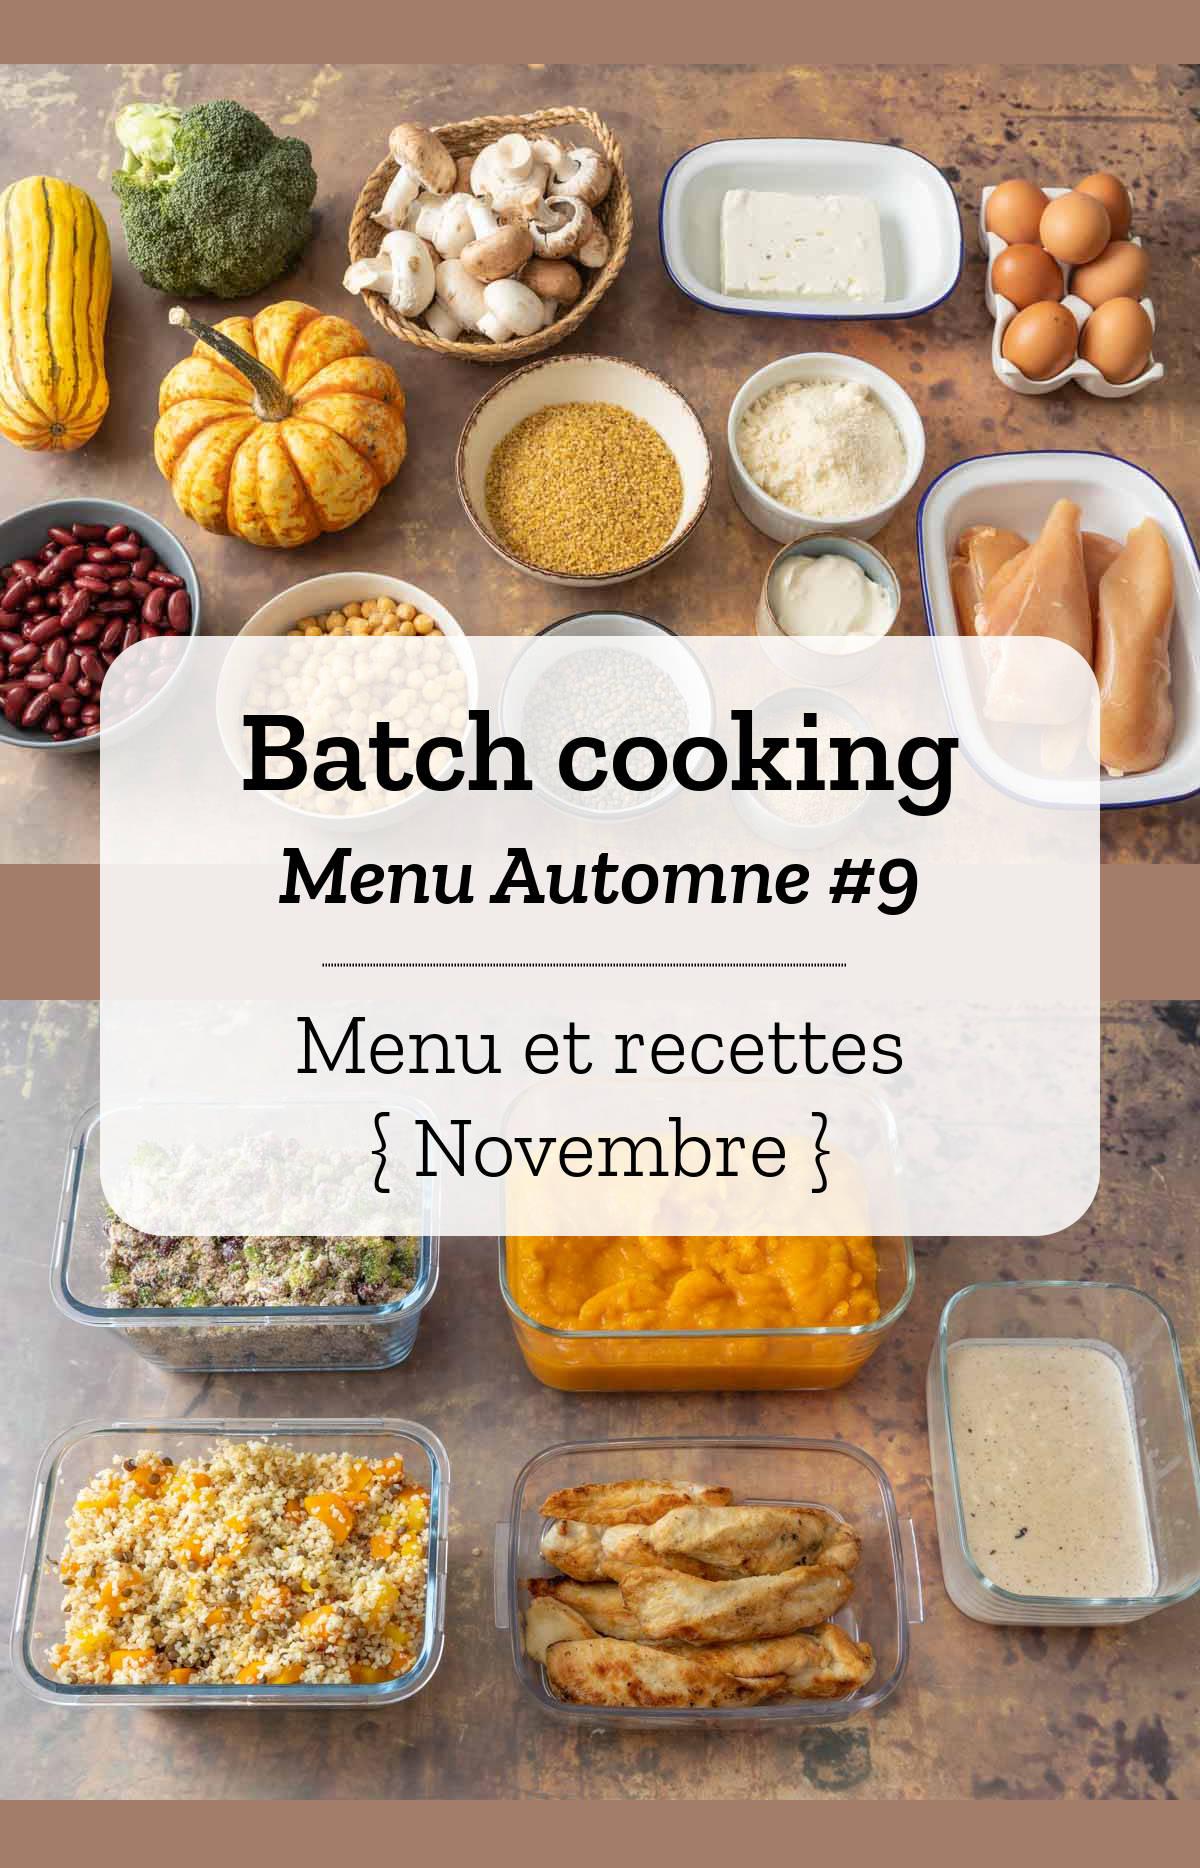 Batch cooking Automne #9 - Mois de Novembre - Semaine 47